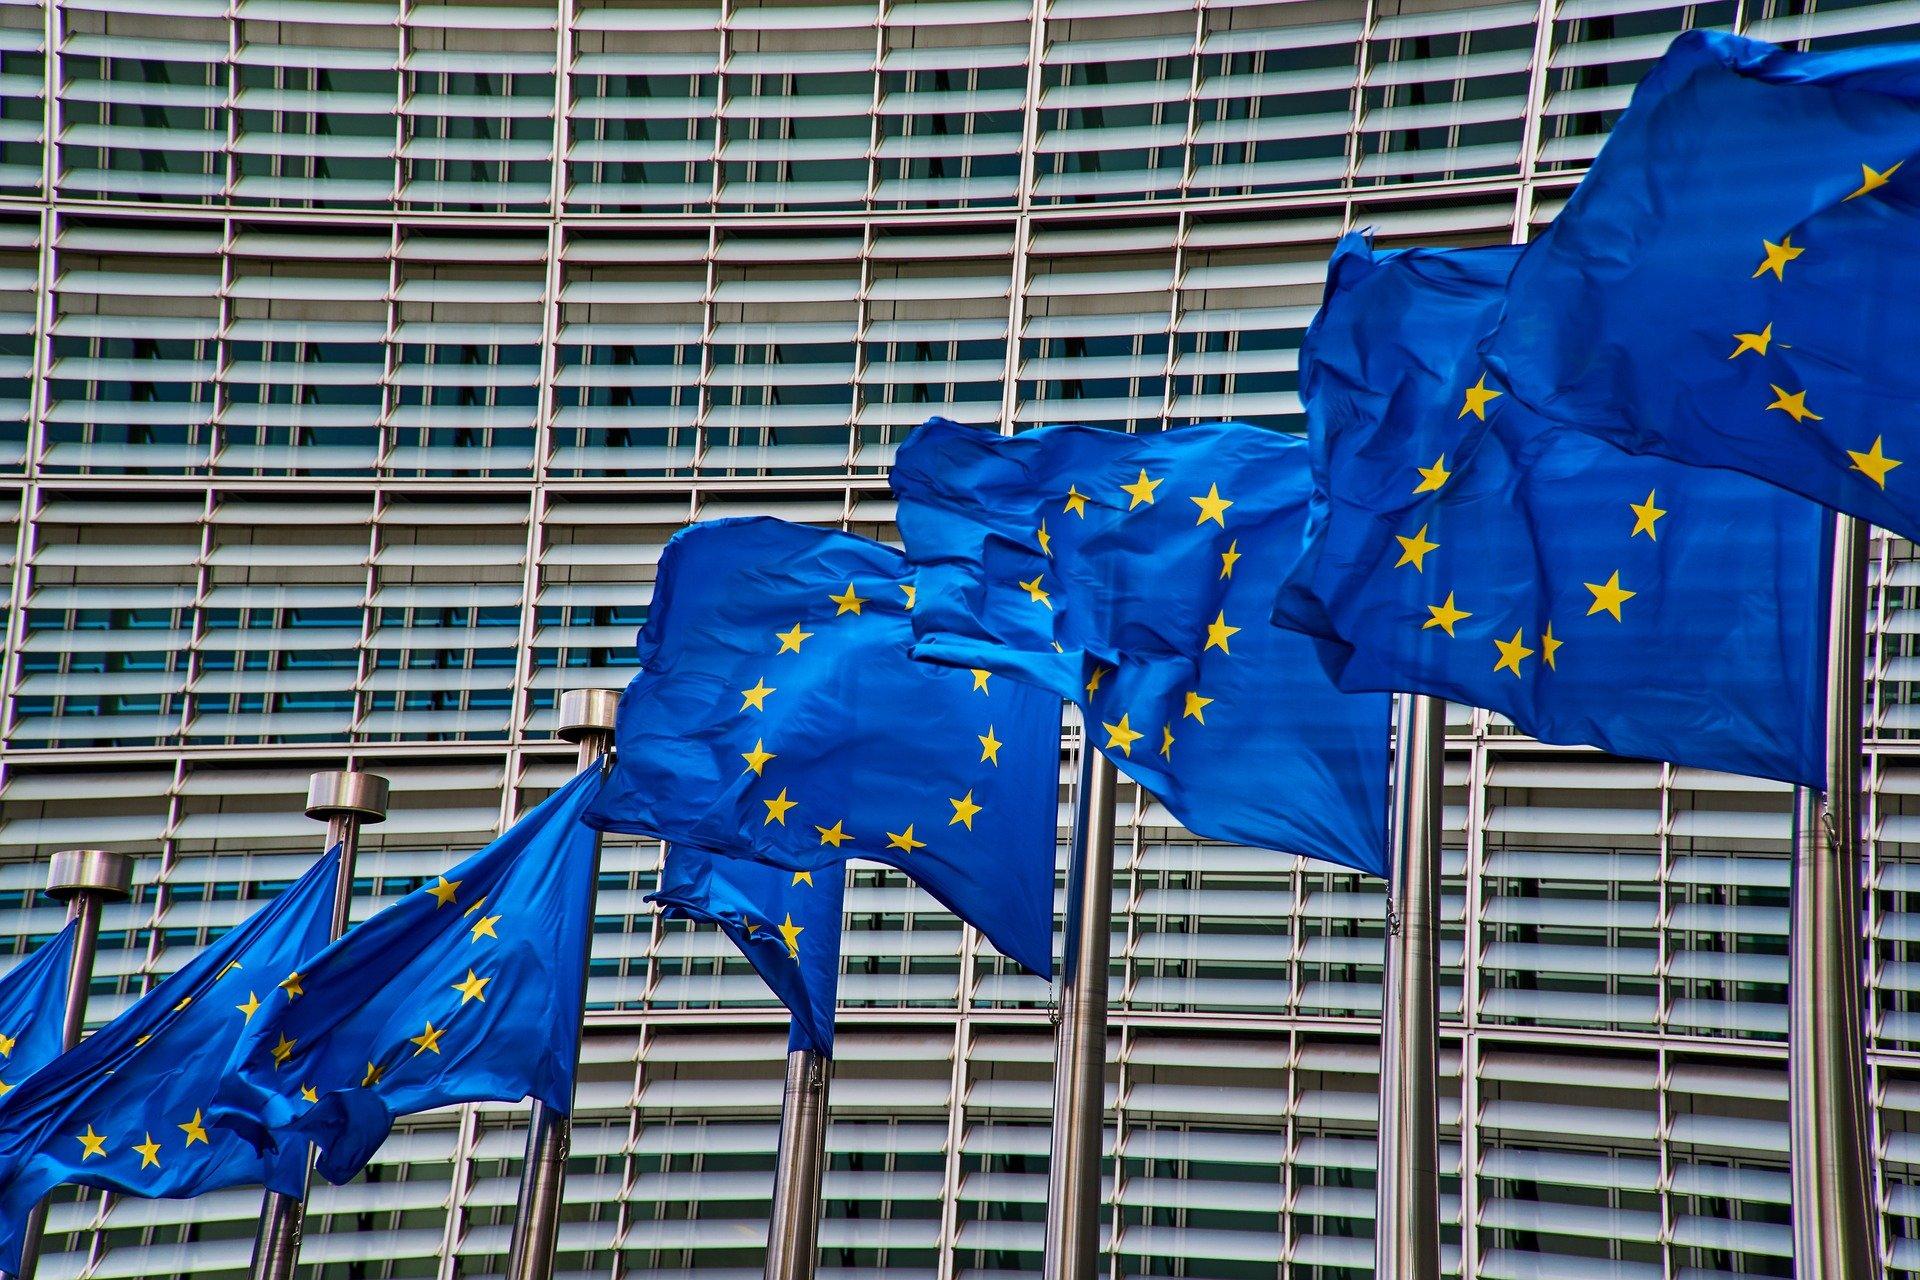 Europa senza illusioni dopo 4 anni traumatici